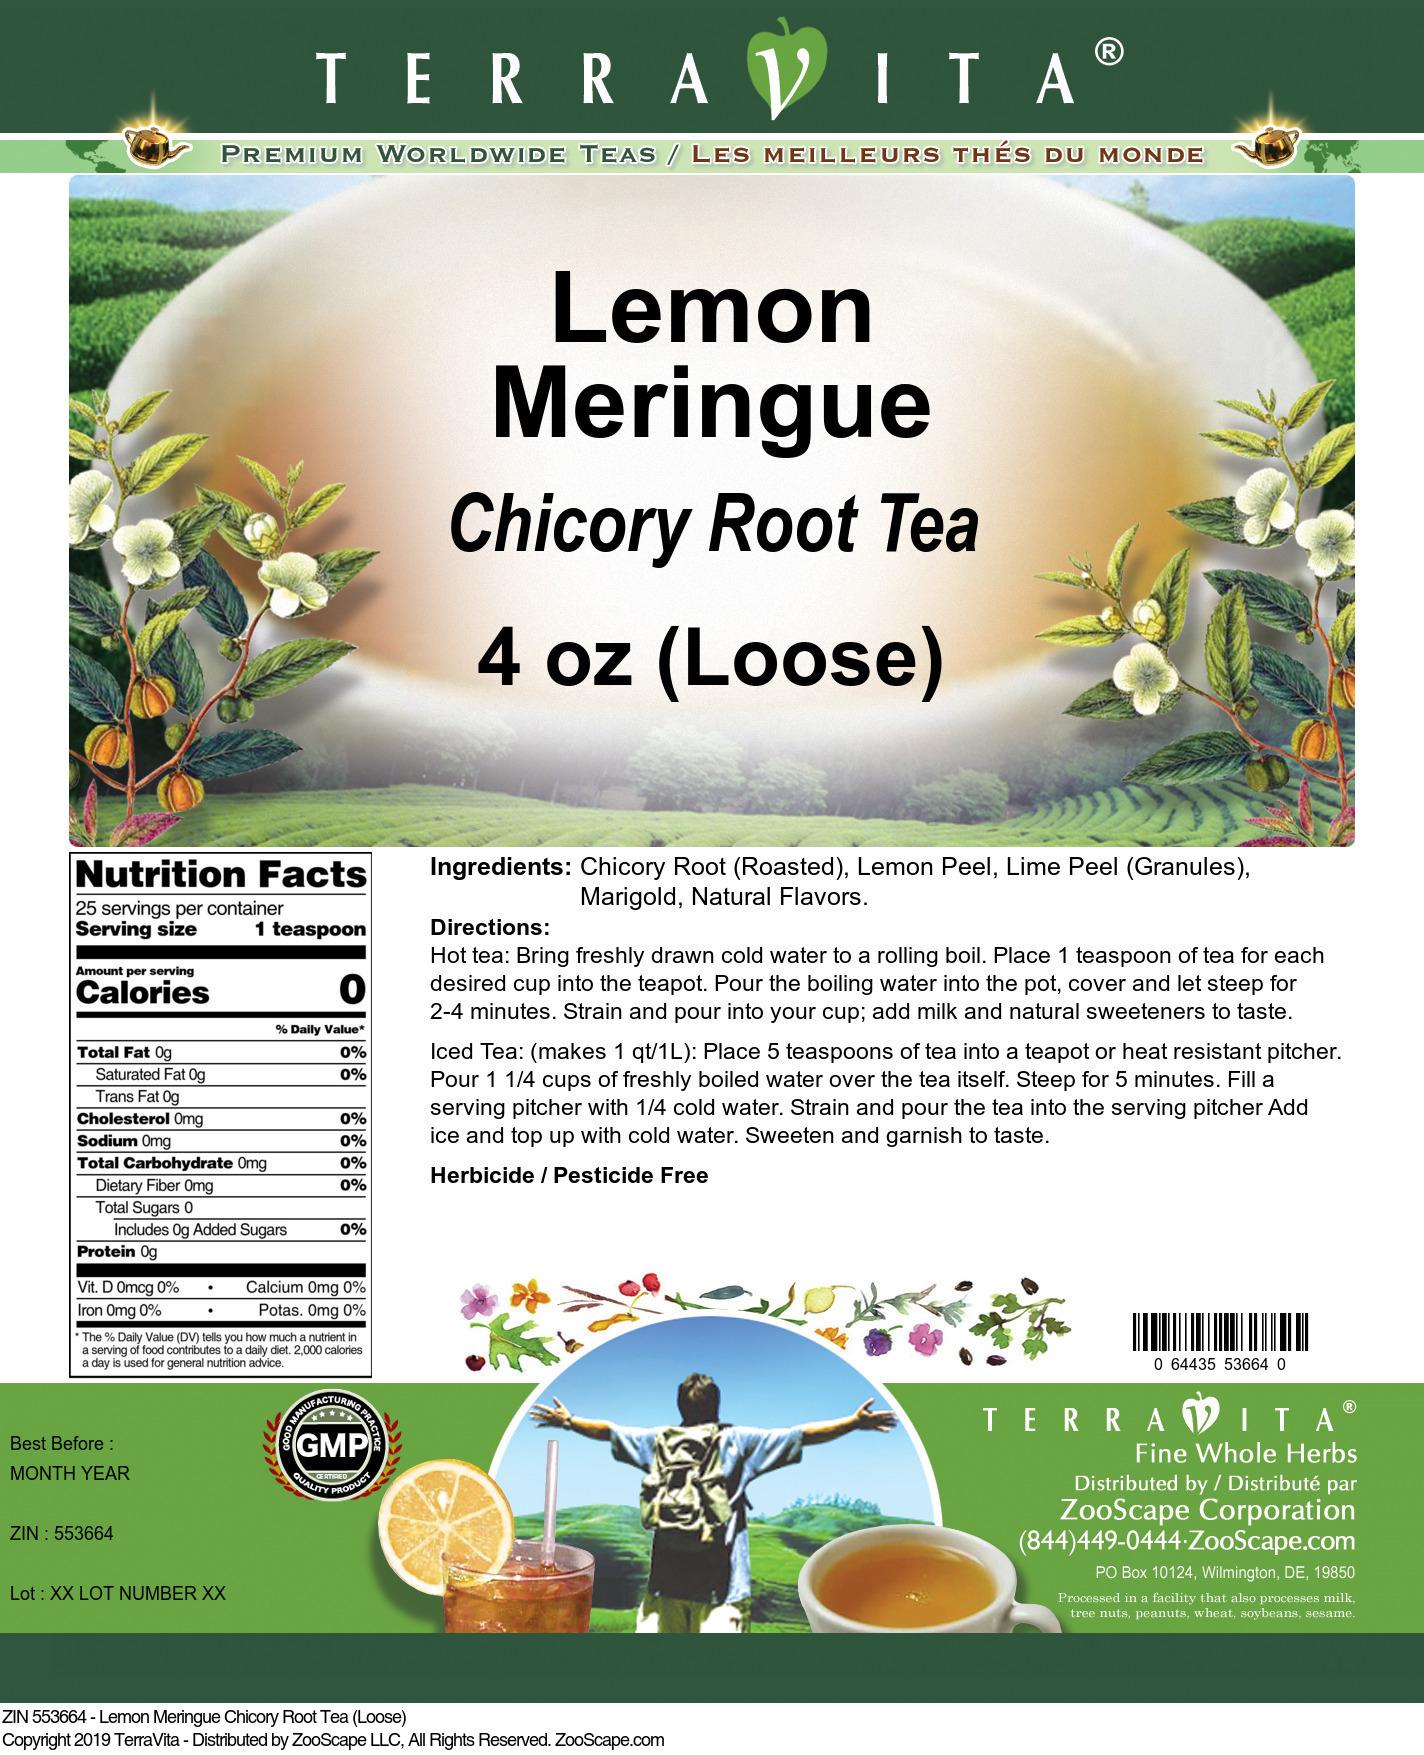 Lemon Meringue Chicory Root